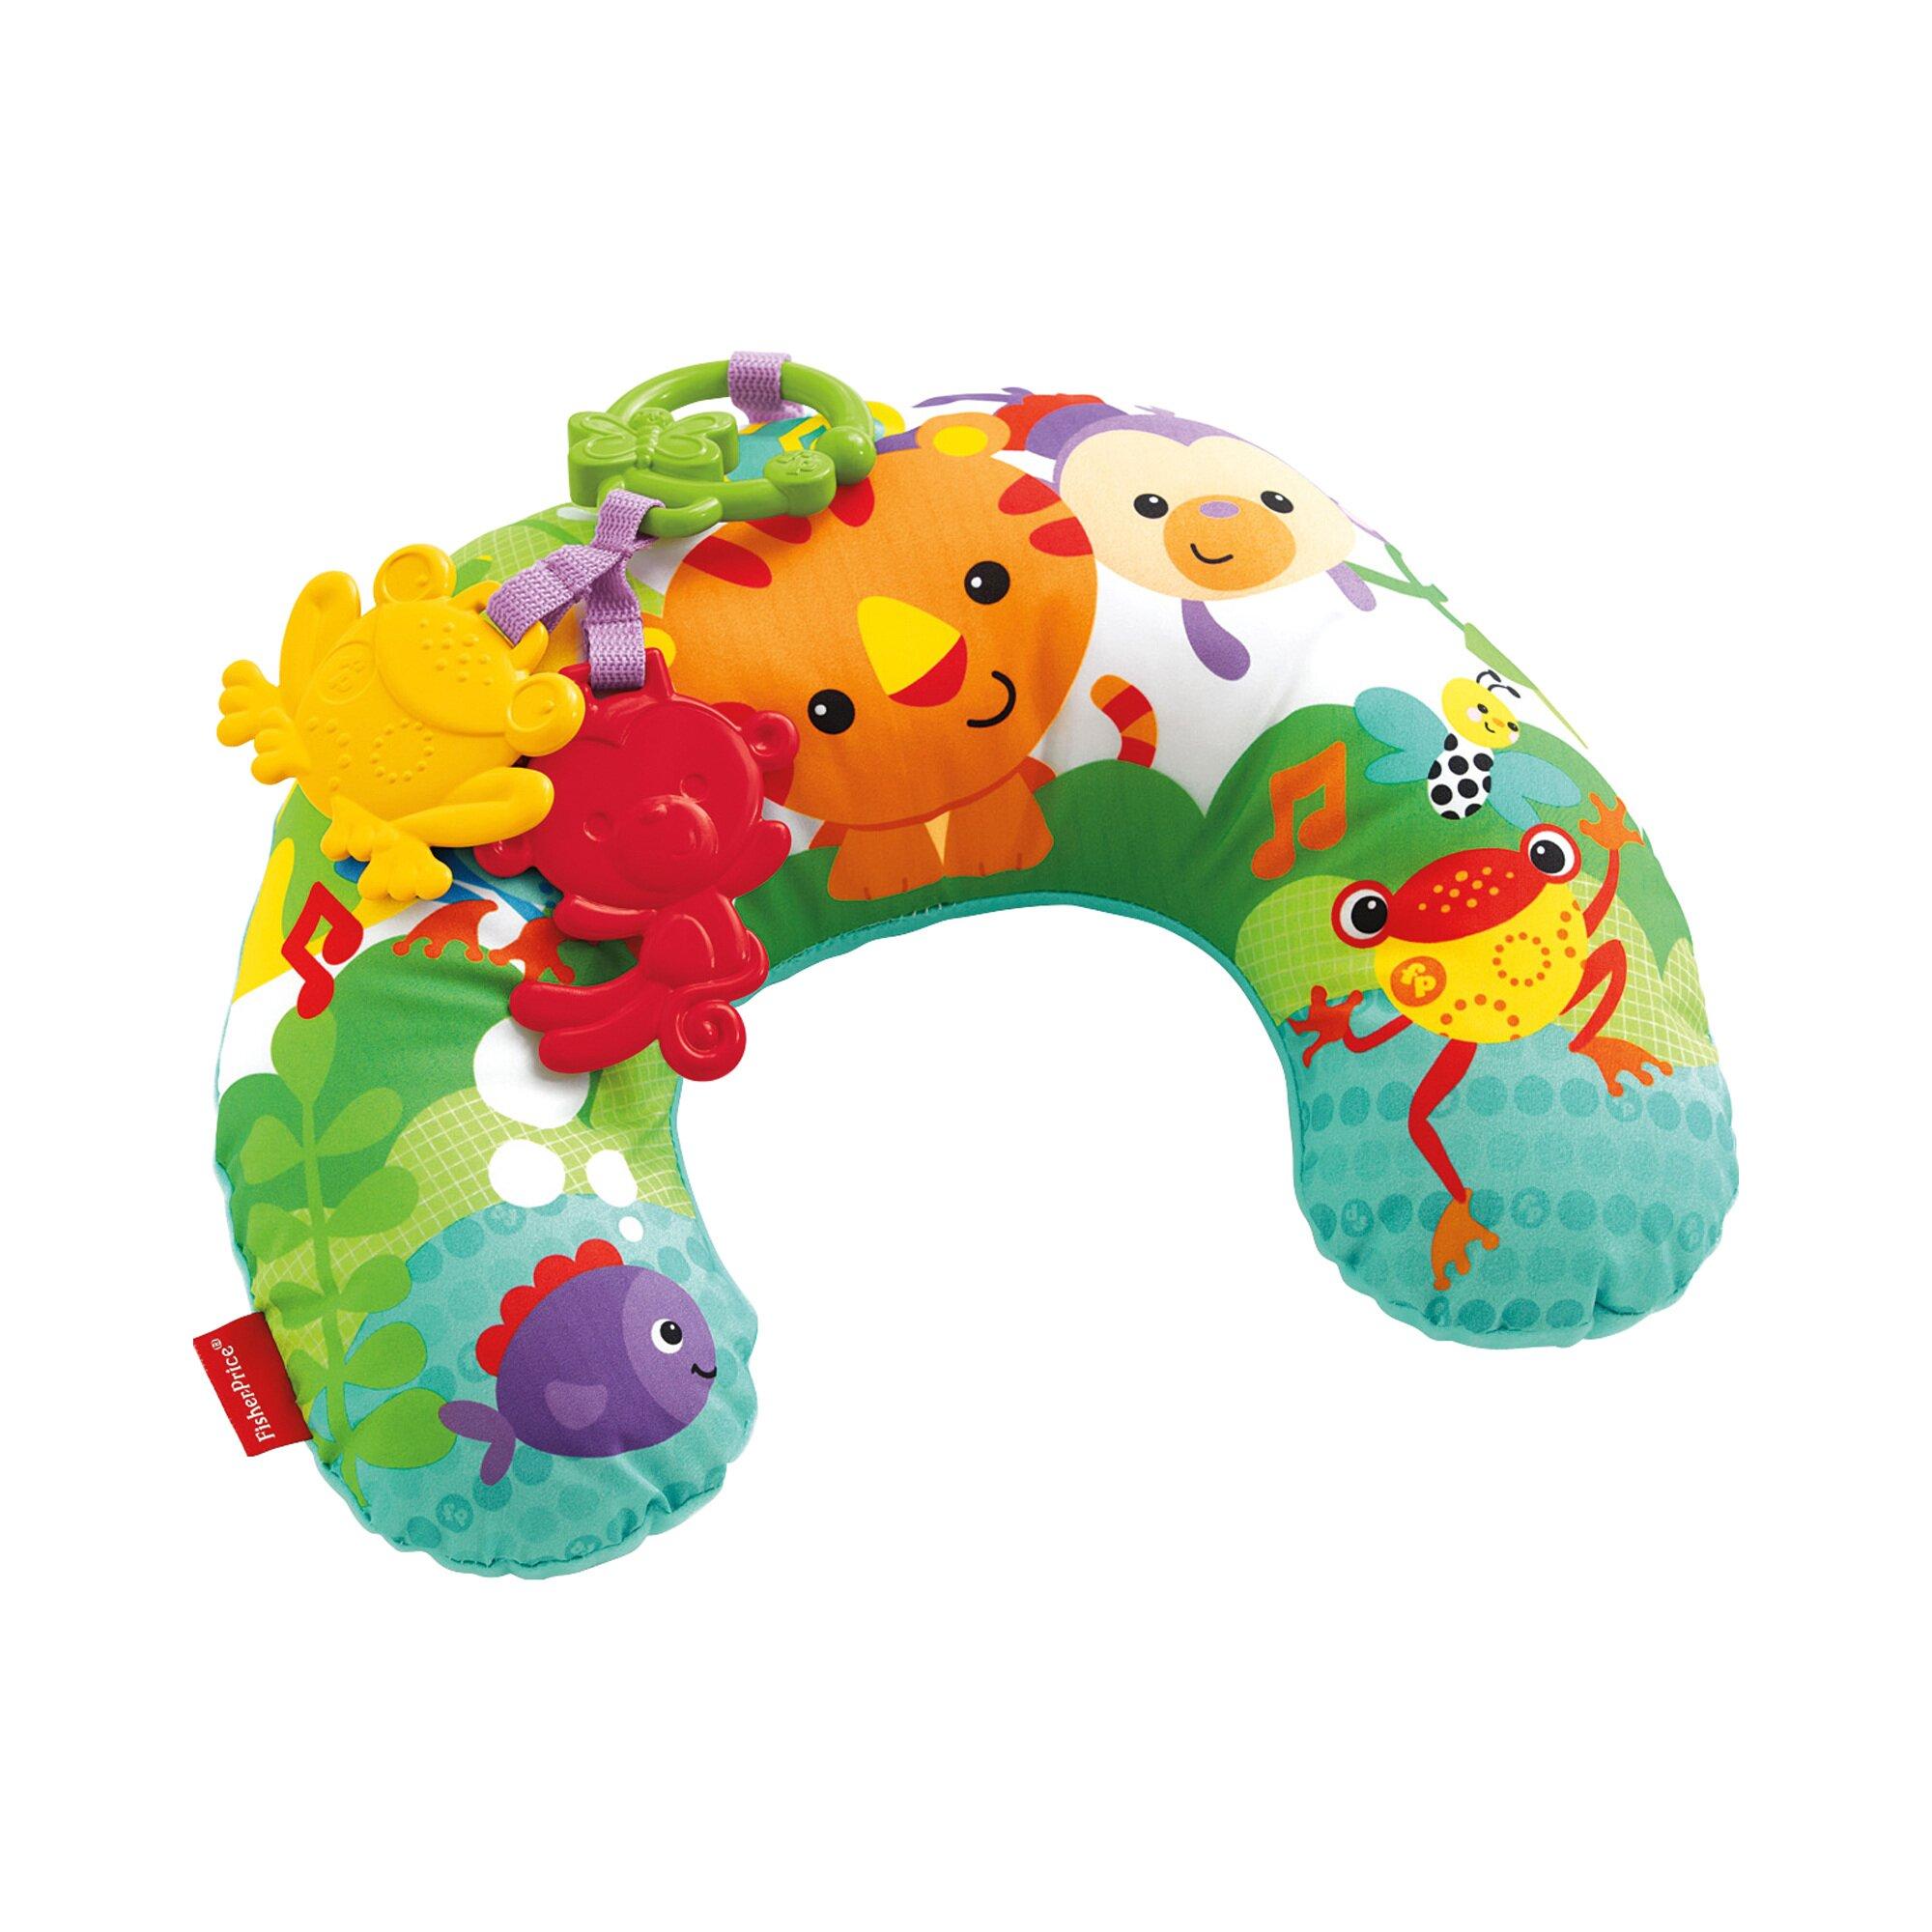 Fisher-Price Spielkissen Rainforest mehrfarbig